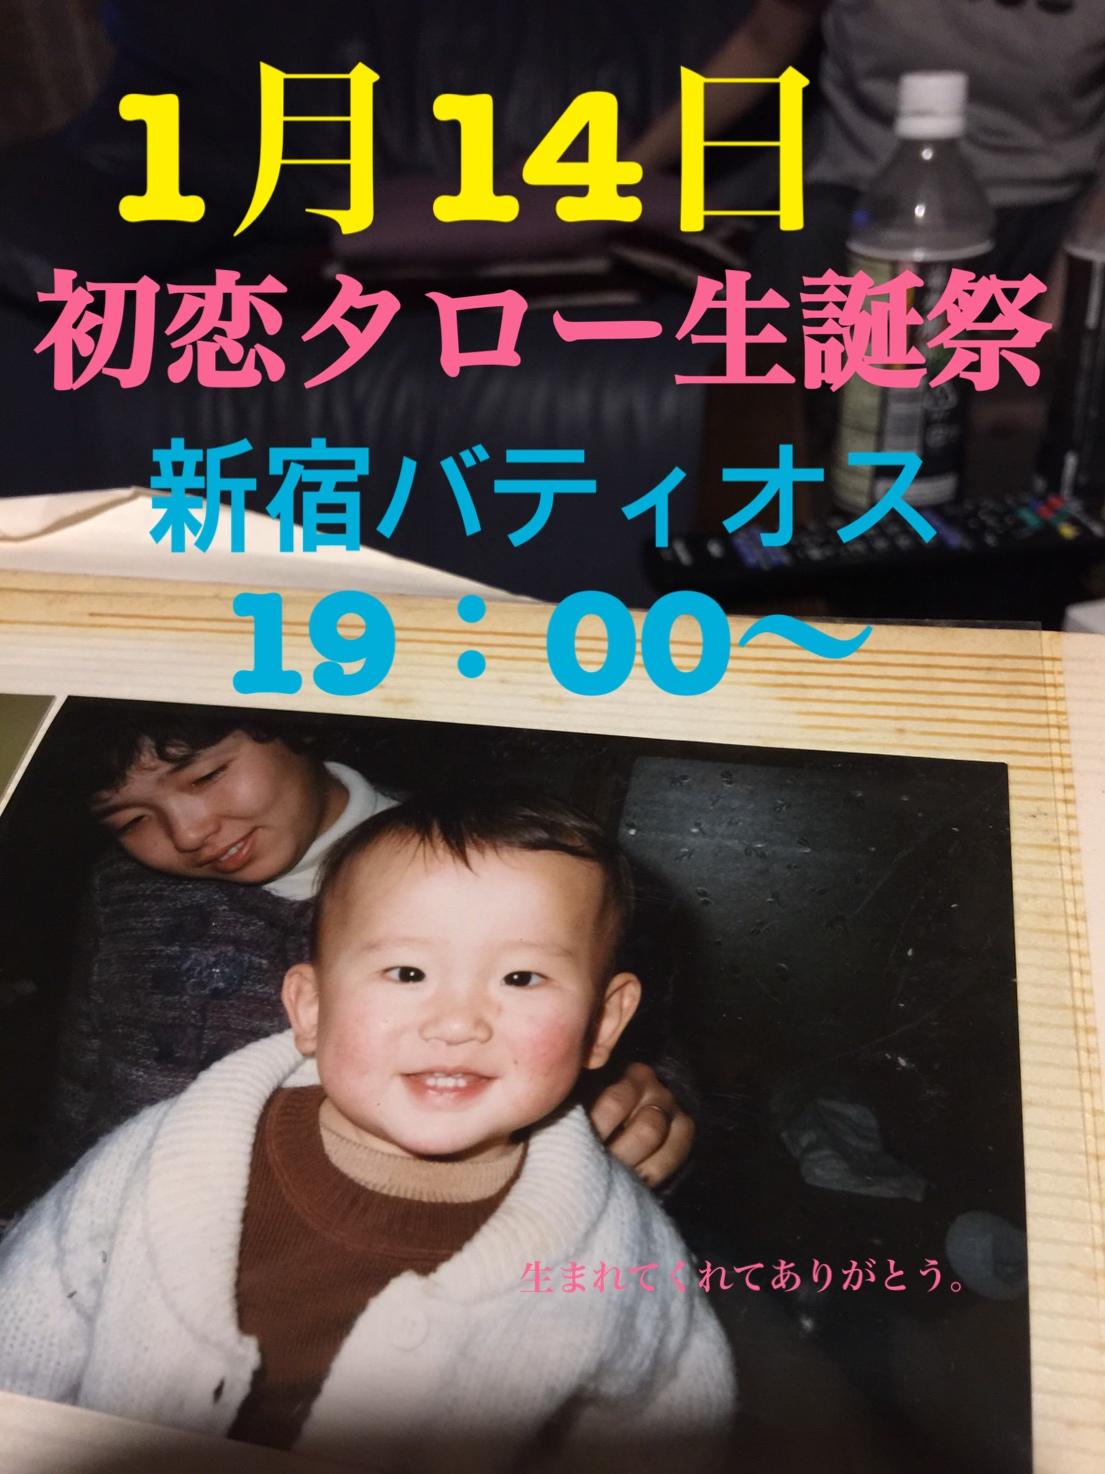 【劇場】1月14日17:15〜初恋タロー生誕祭サプライズ企画みんなで打ち合わせ